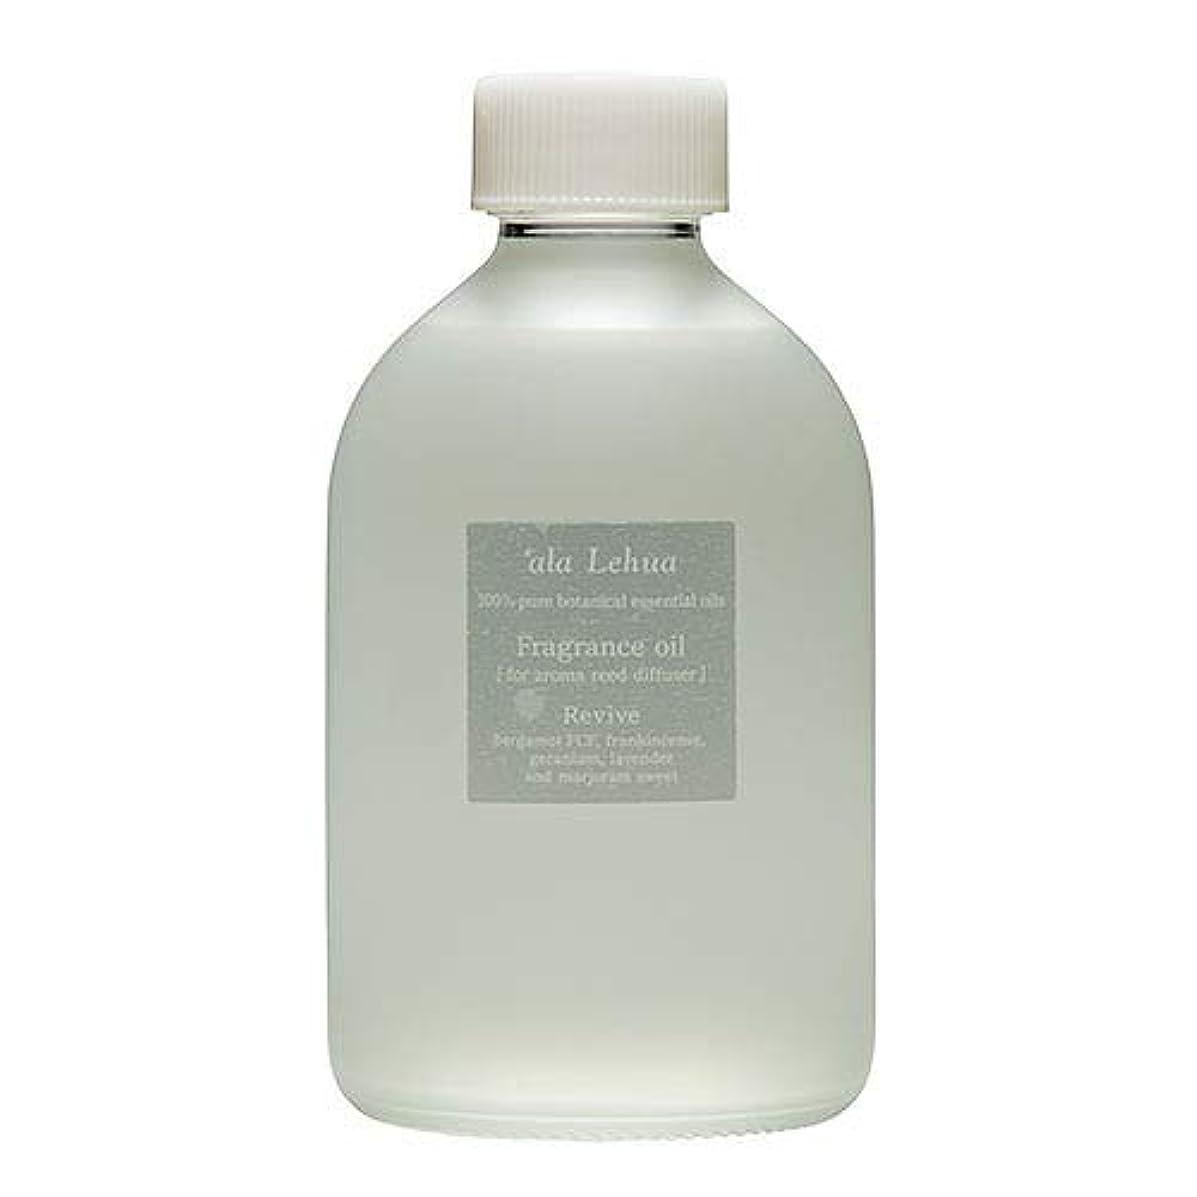 売上高フレッシュキャベツ`ala Lehua (アラレフア) フレグランスオイル 250ml revive